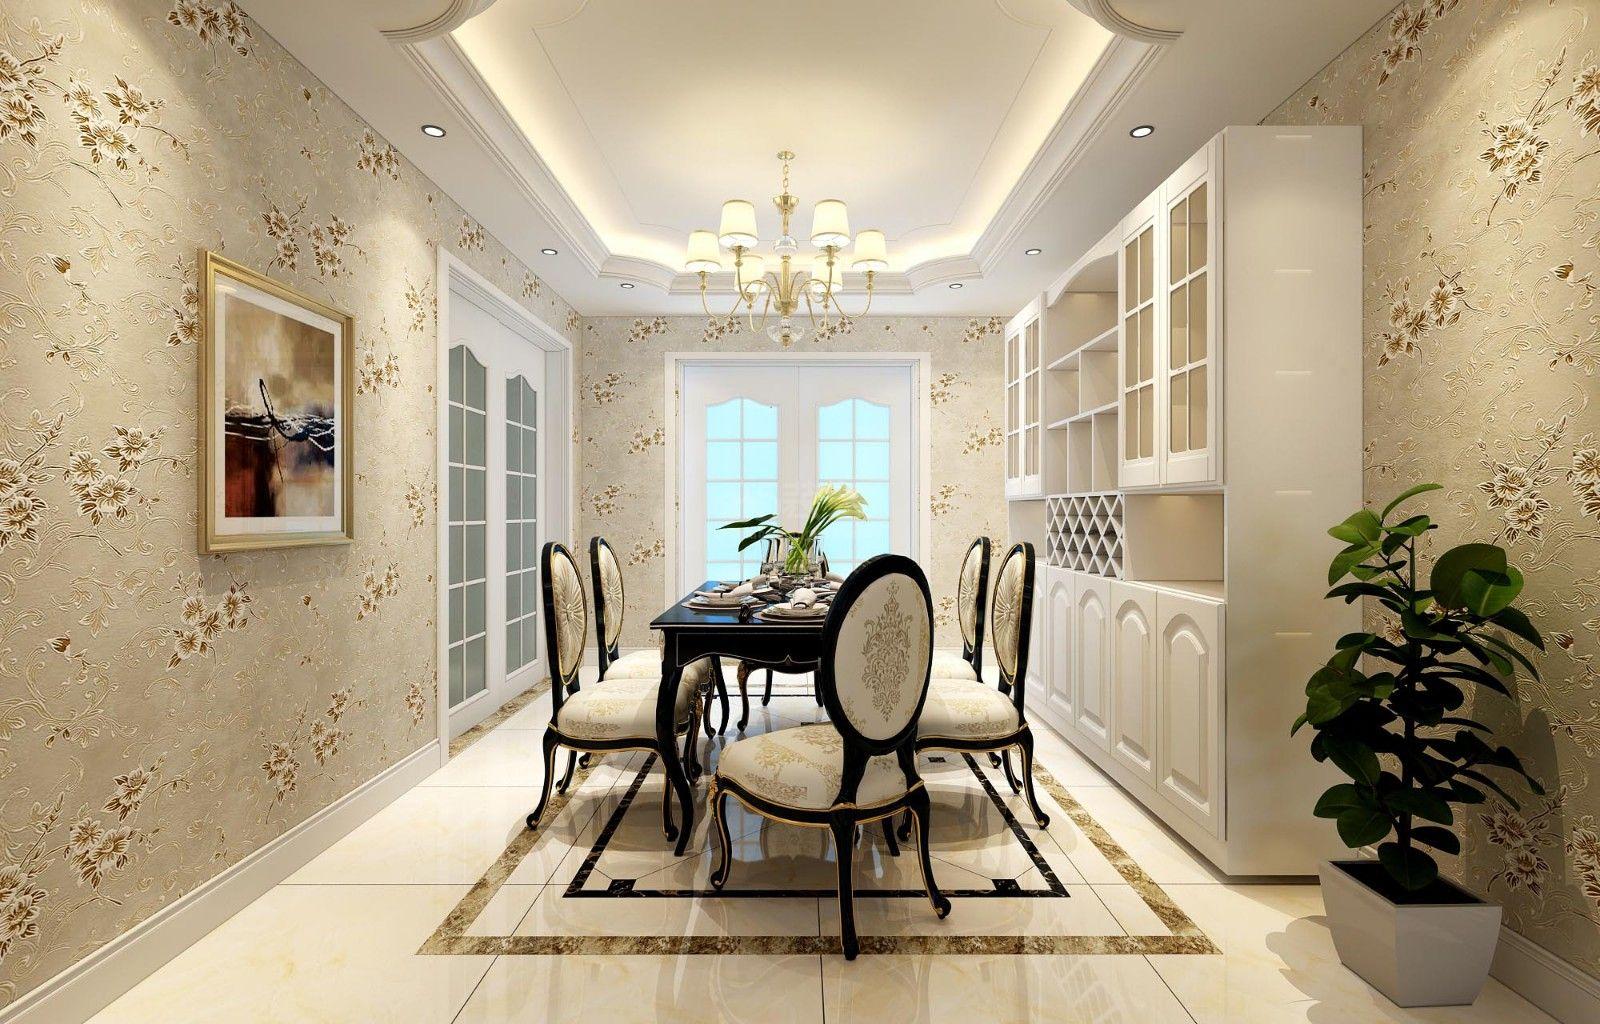 装修设计——本案是一套轻奢型的简欧风格,设计的非常大气,玄关到端景墙的这一部分设计的很漂亮,地面用的是斜铺法,加了波打线做修饰,进门就感觉十分大气,加上吊顶的设计,光是这一段就很出彩了,客厅的设计是典型的欧式风格元素,拱型的电视背景墙造型,材质用的是石材加石膏线,很低调贵气,吊顶却是去繁就简的,这样空间非但不压抑,还十分大气,这种壁纸用的也很大胆,做出来的效果为整个风增色不少,本案设计亦是亮点十足。